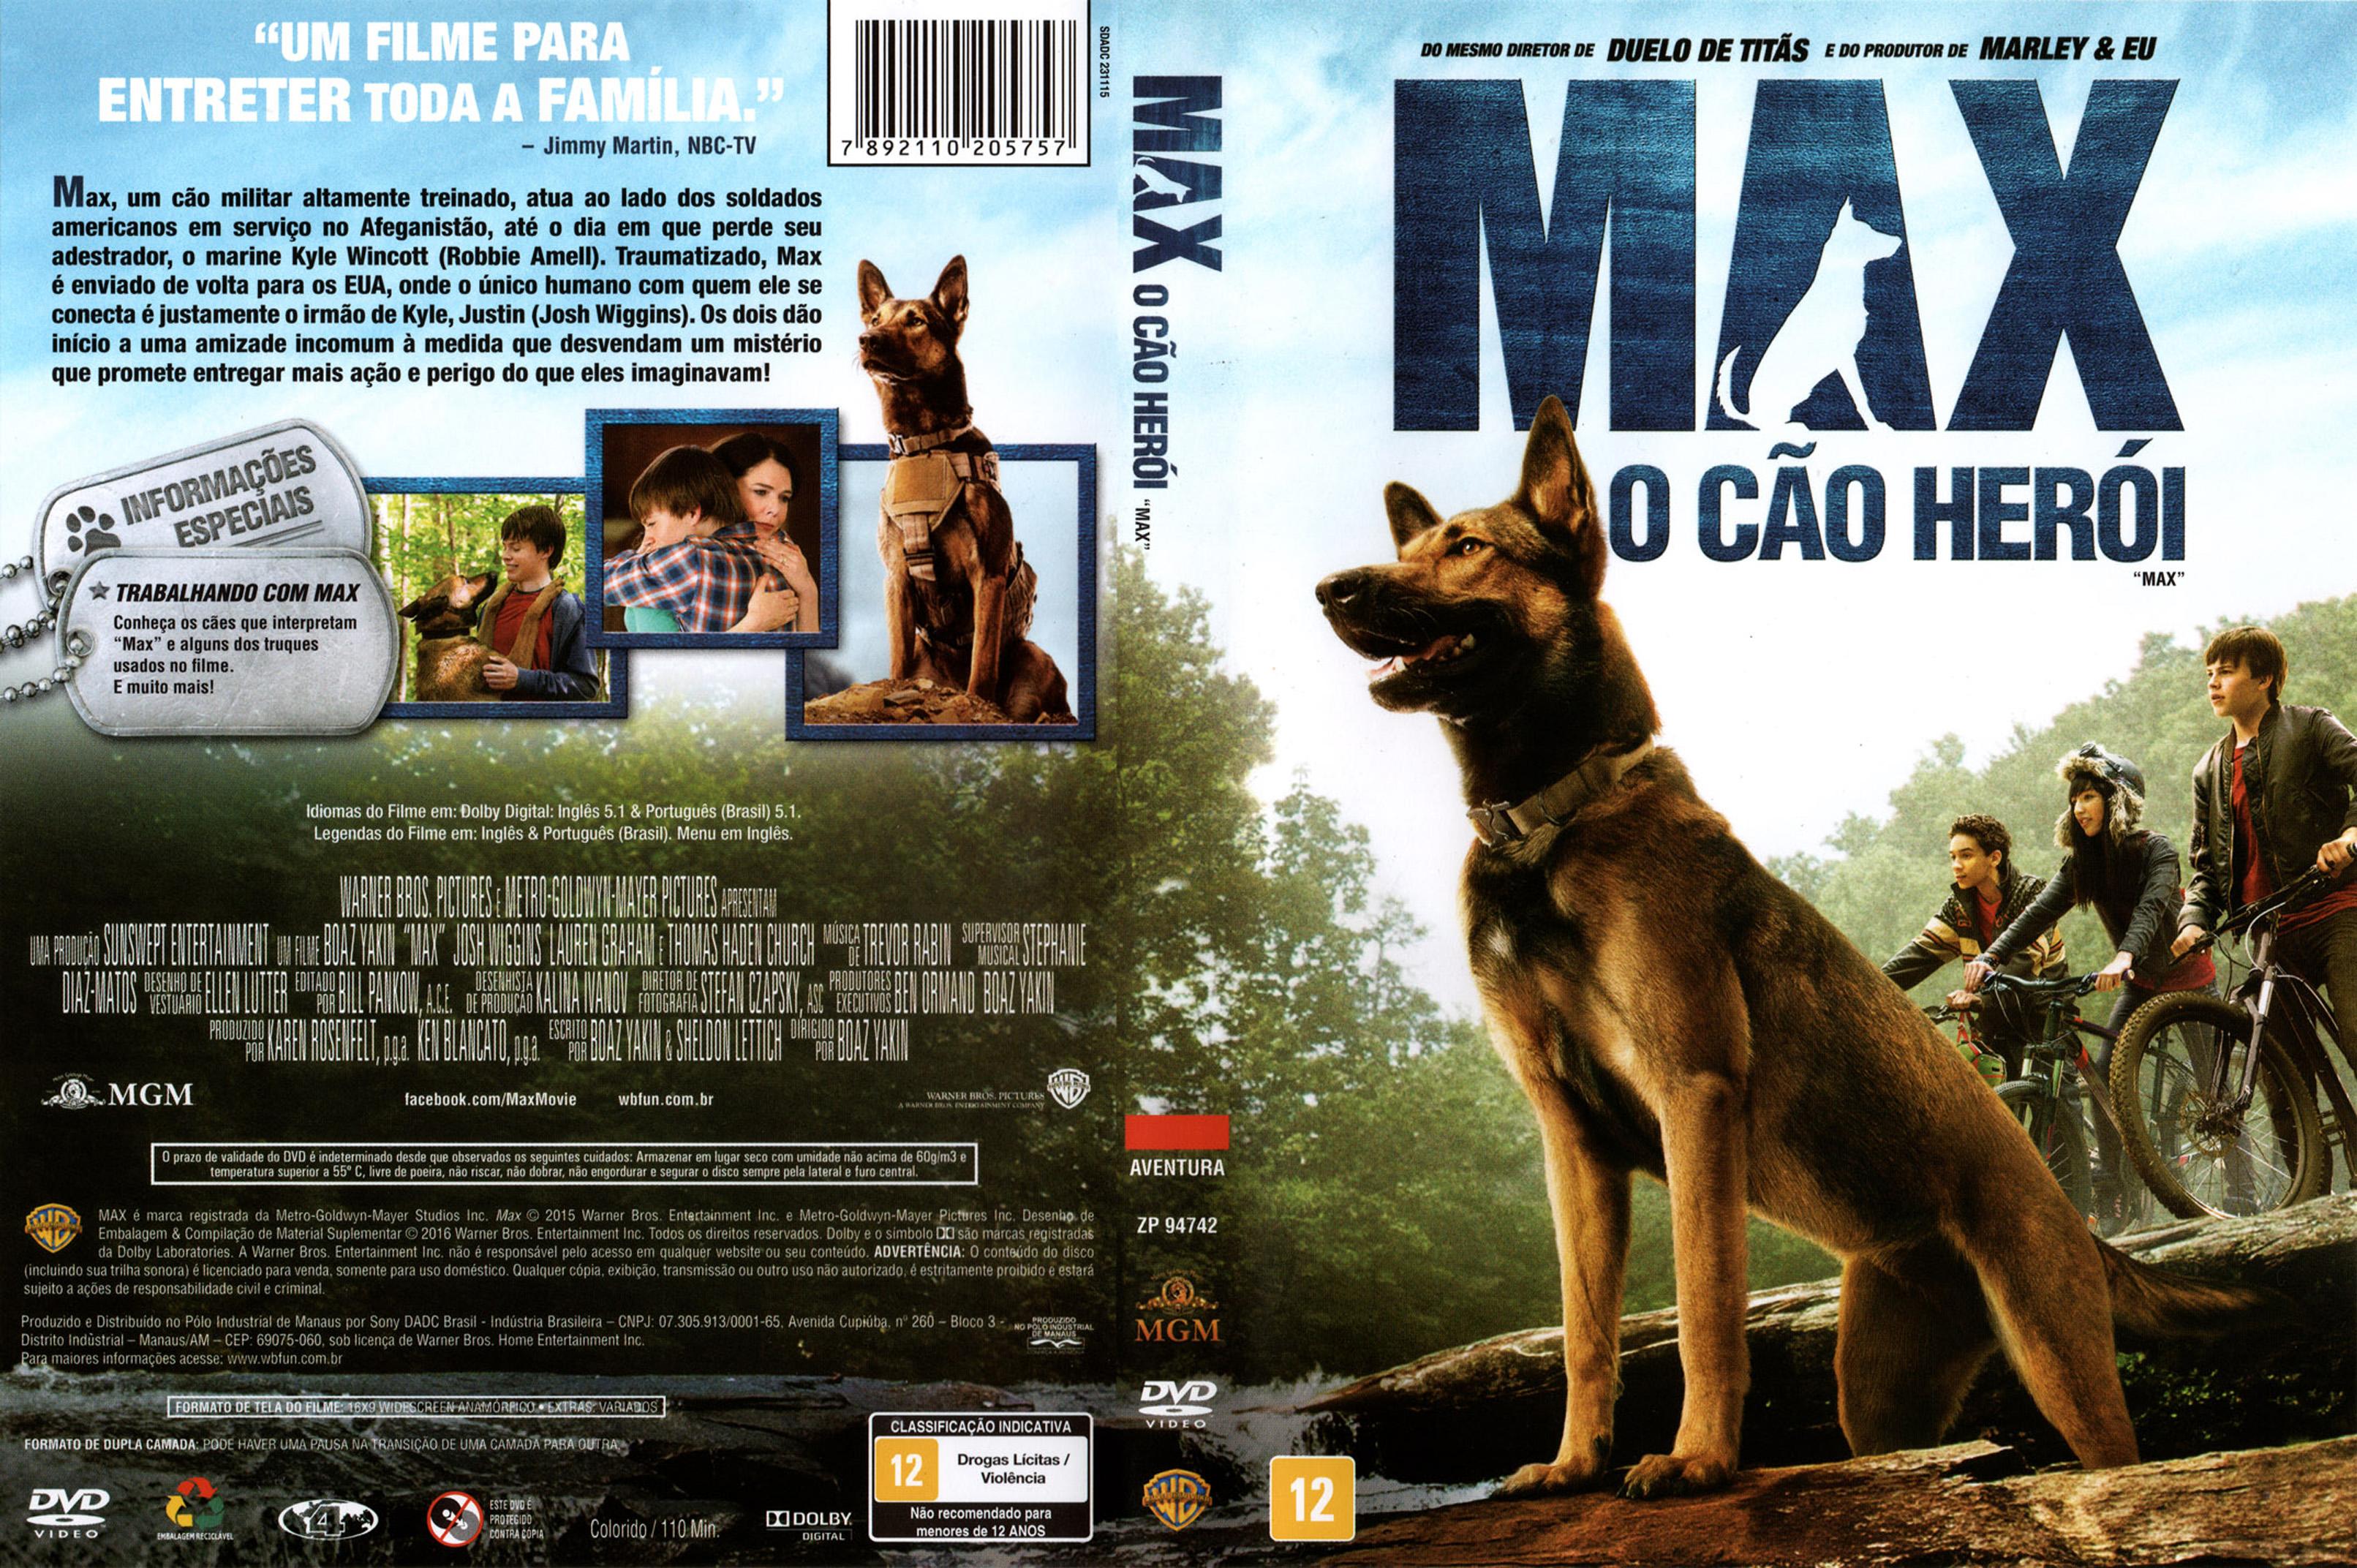 MaxOCaoHeroi